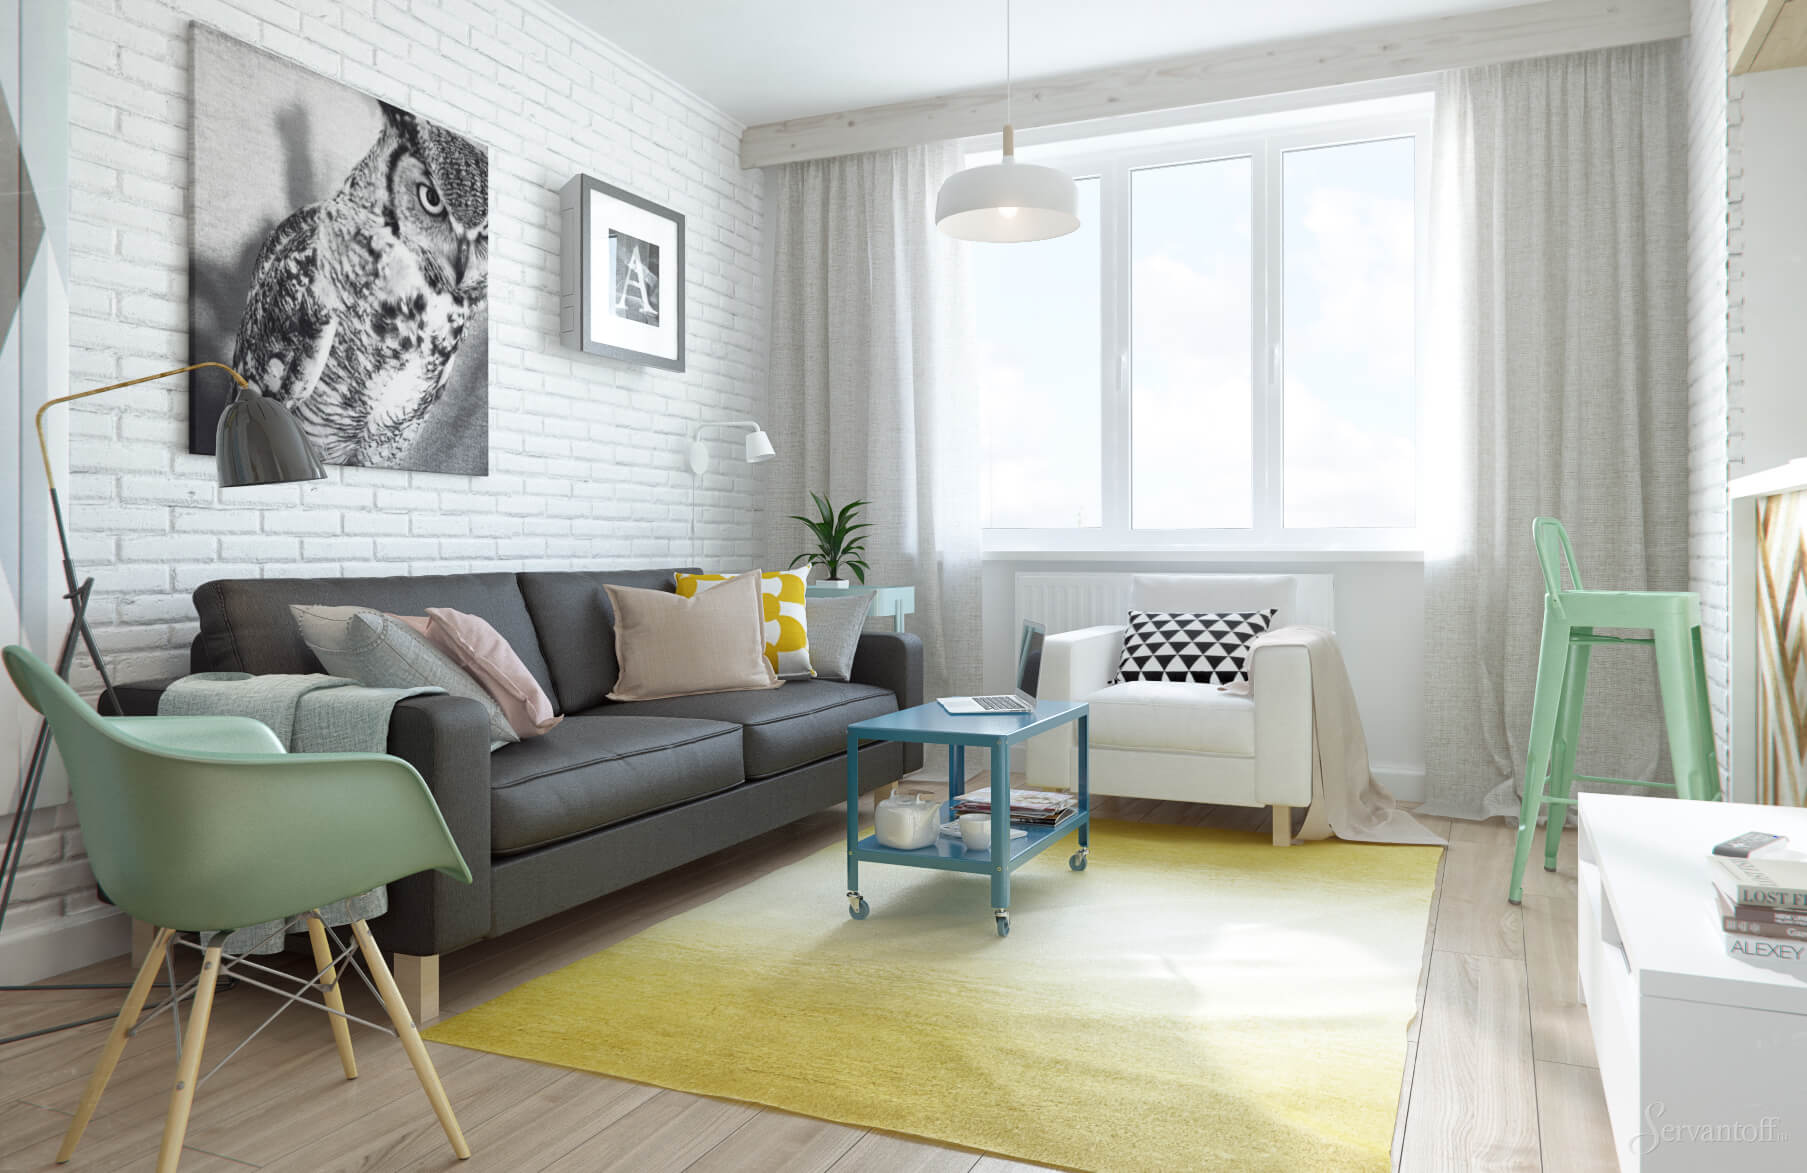 Белая кирпичная стена в интерьере гостиной фото в квартире-студии